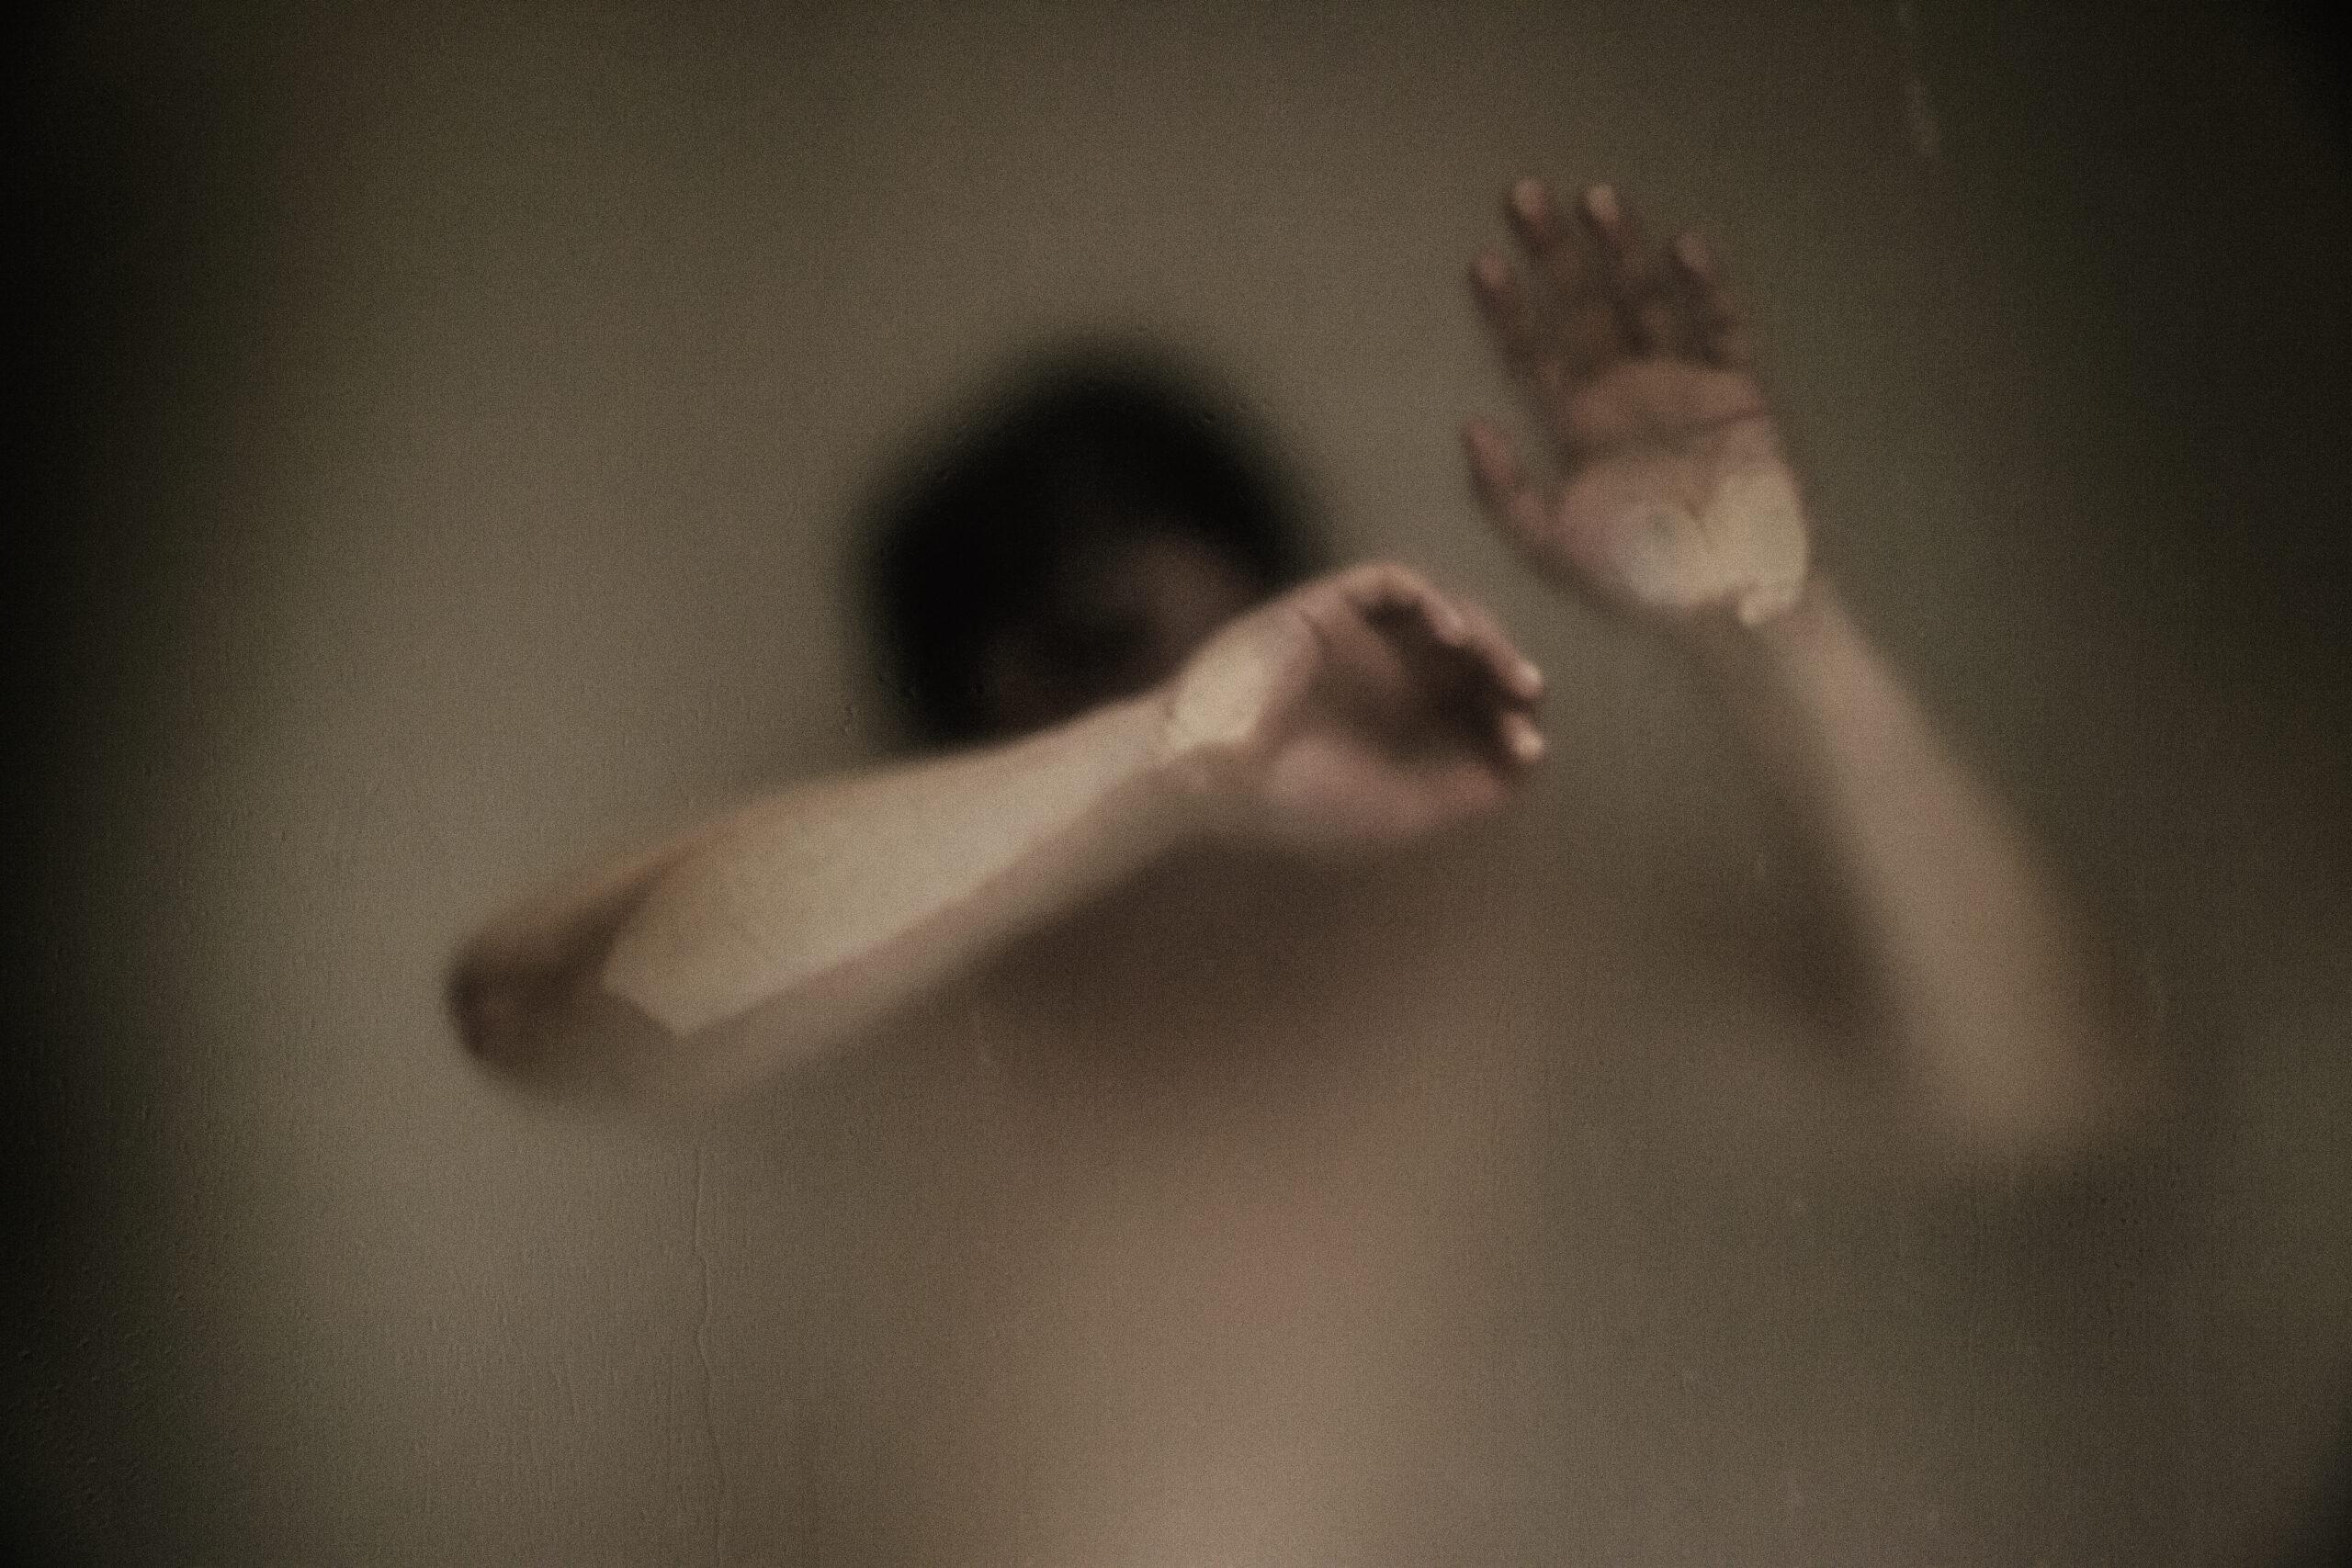 blur-glass-hands-indoors-907920